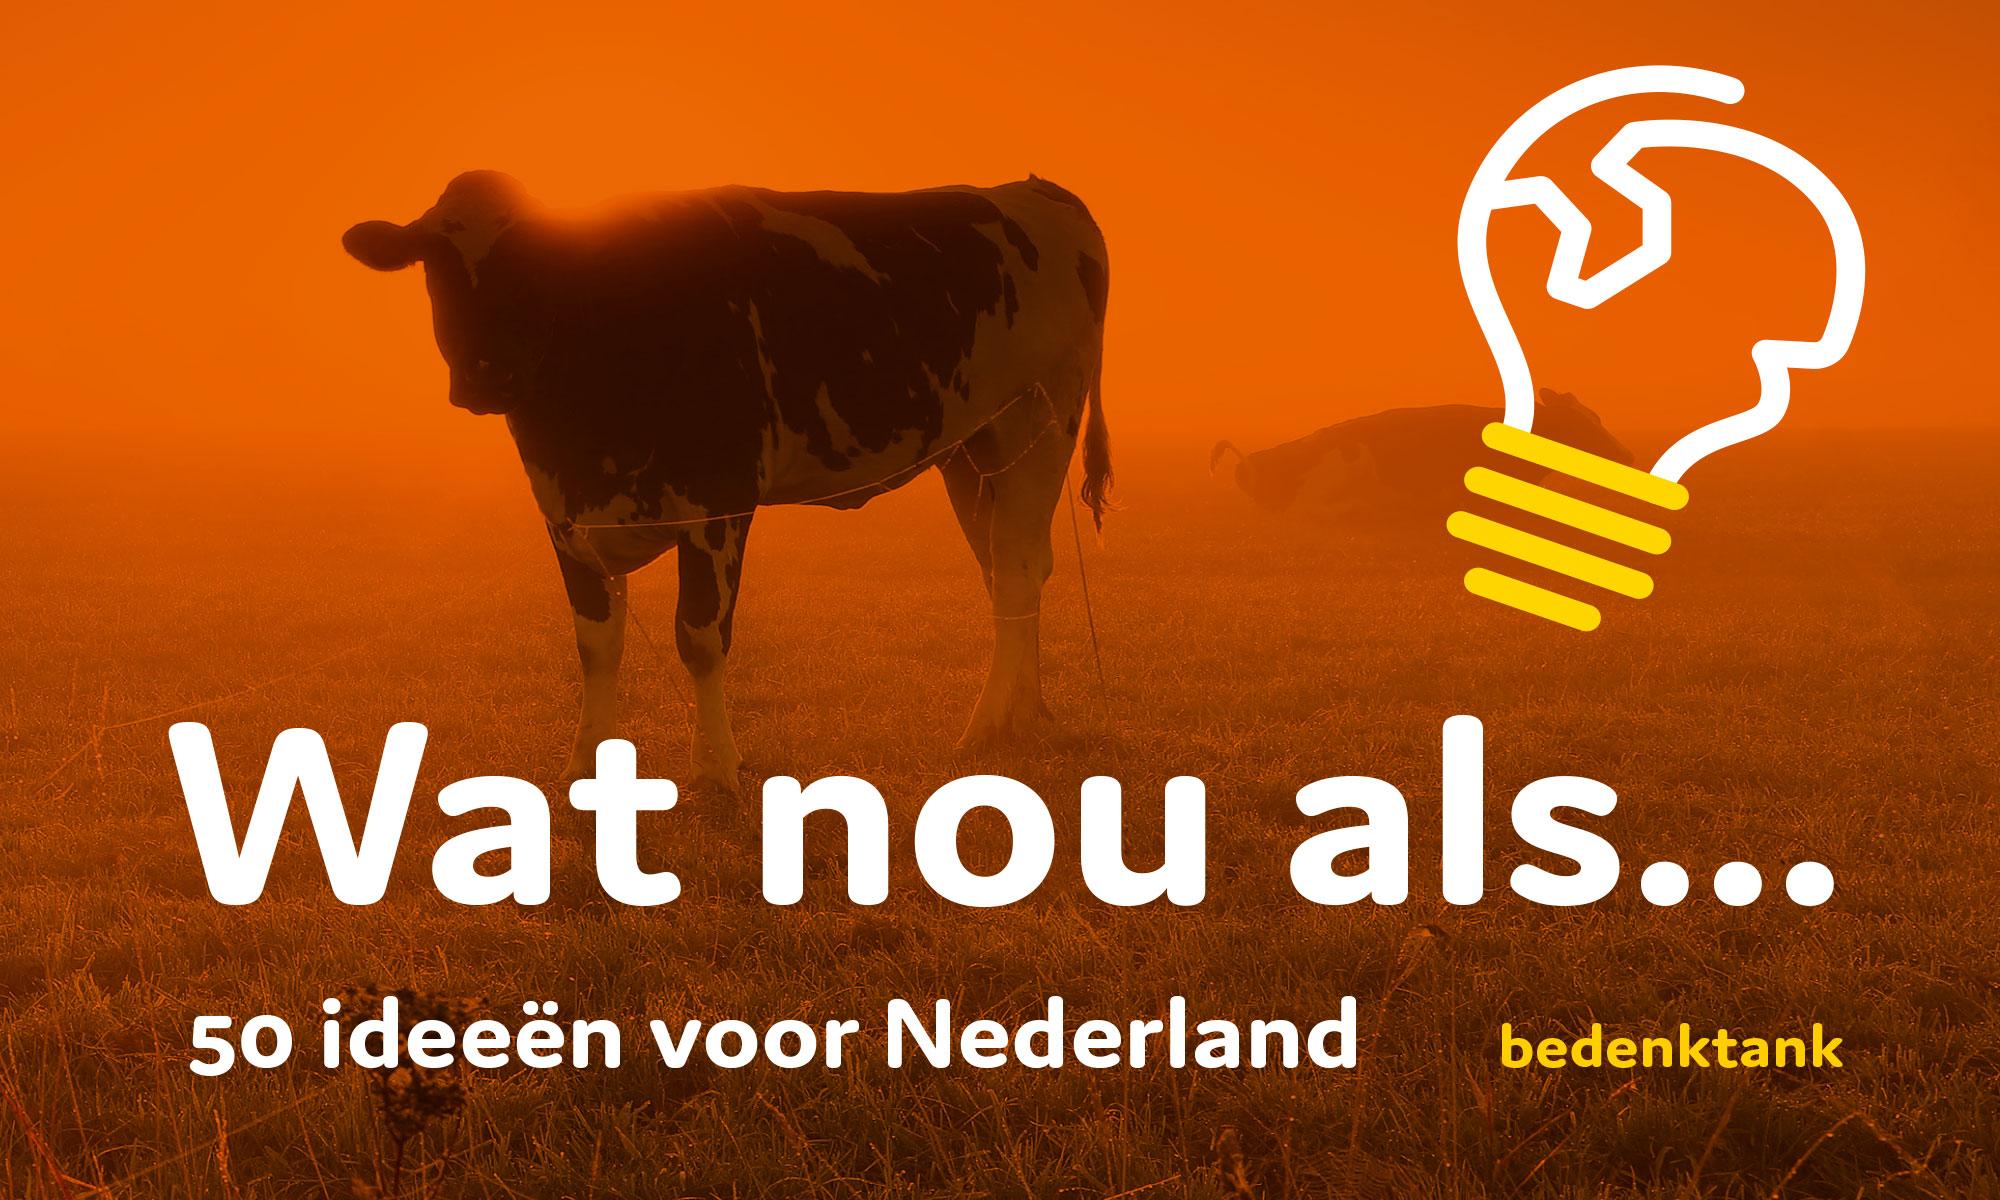 2PK.NL